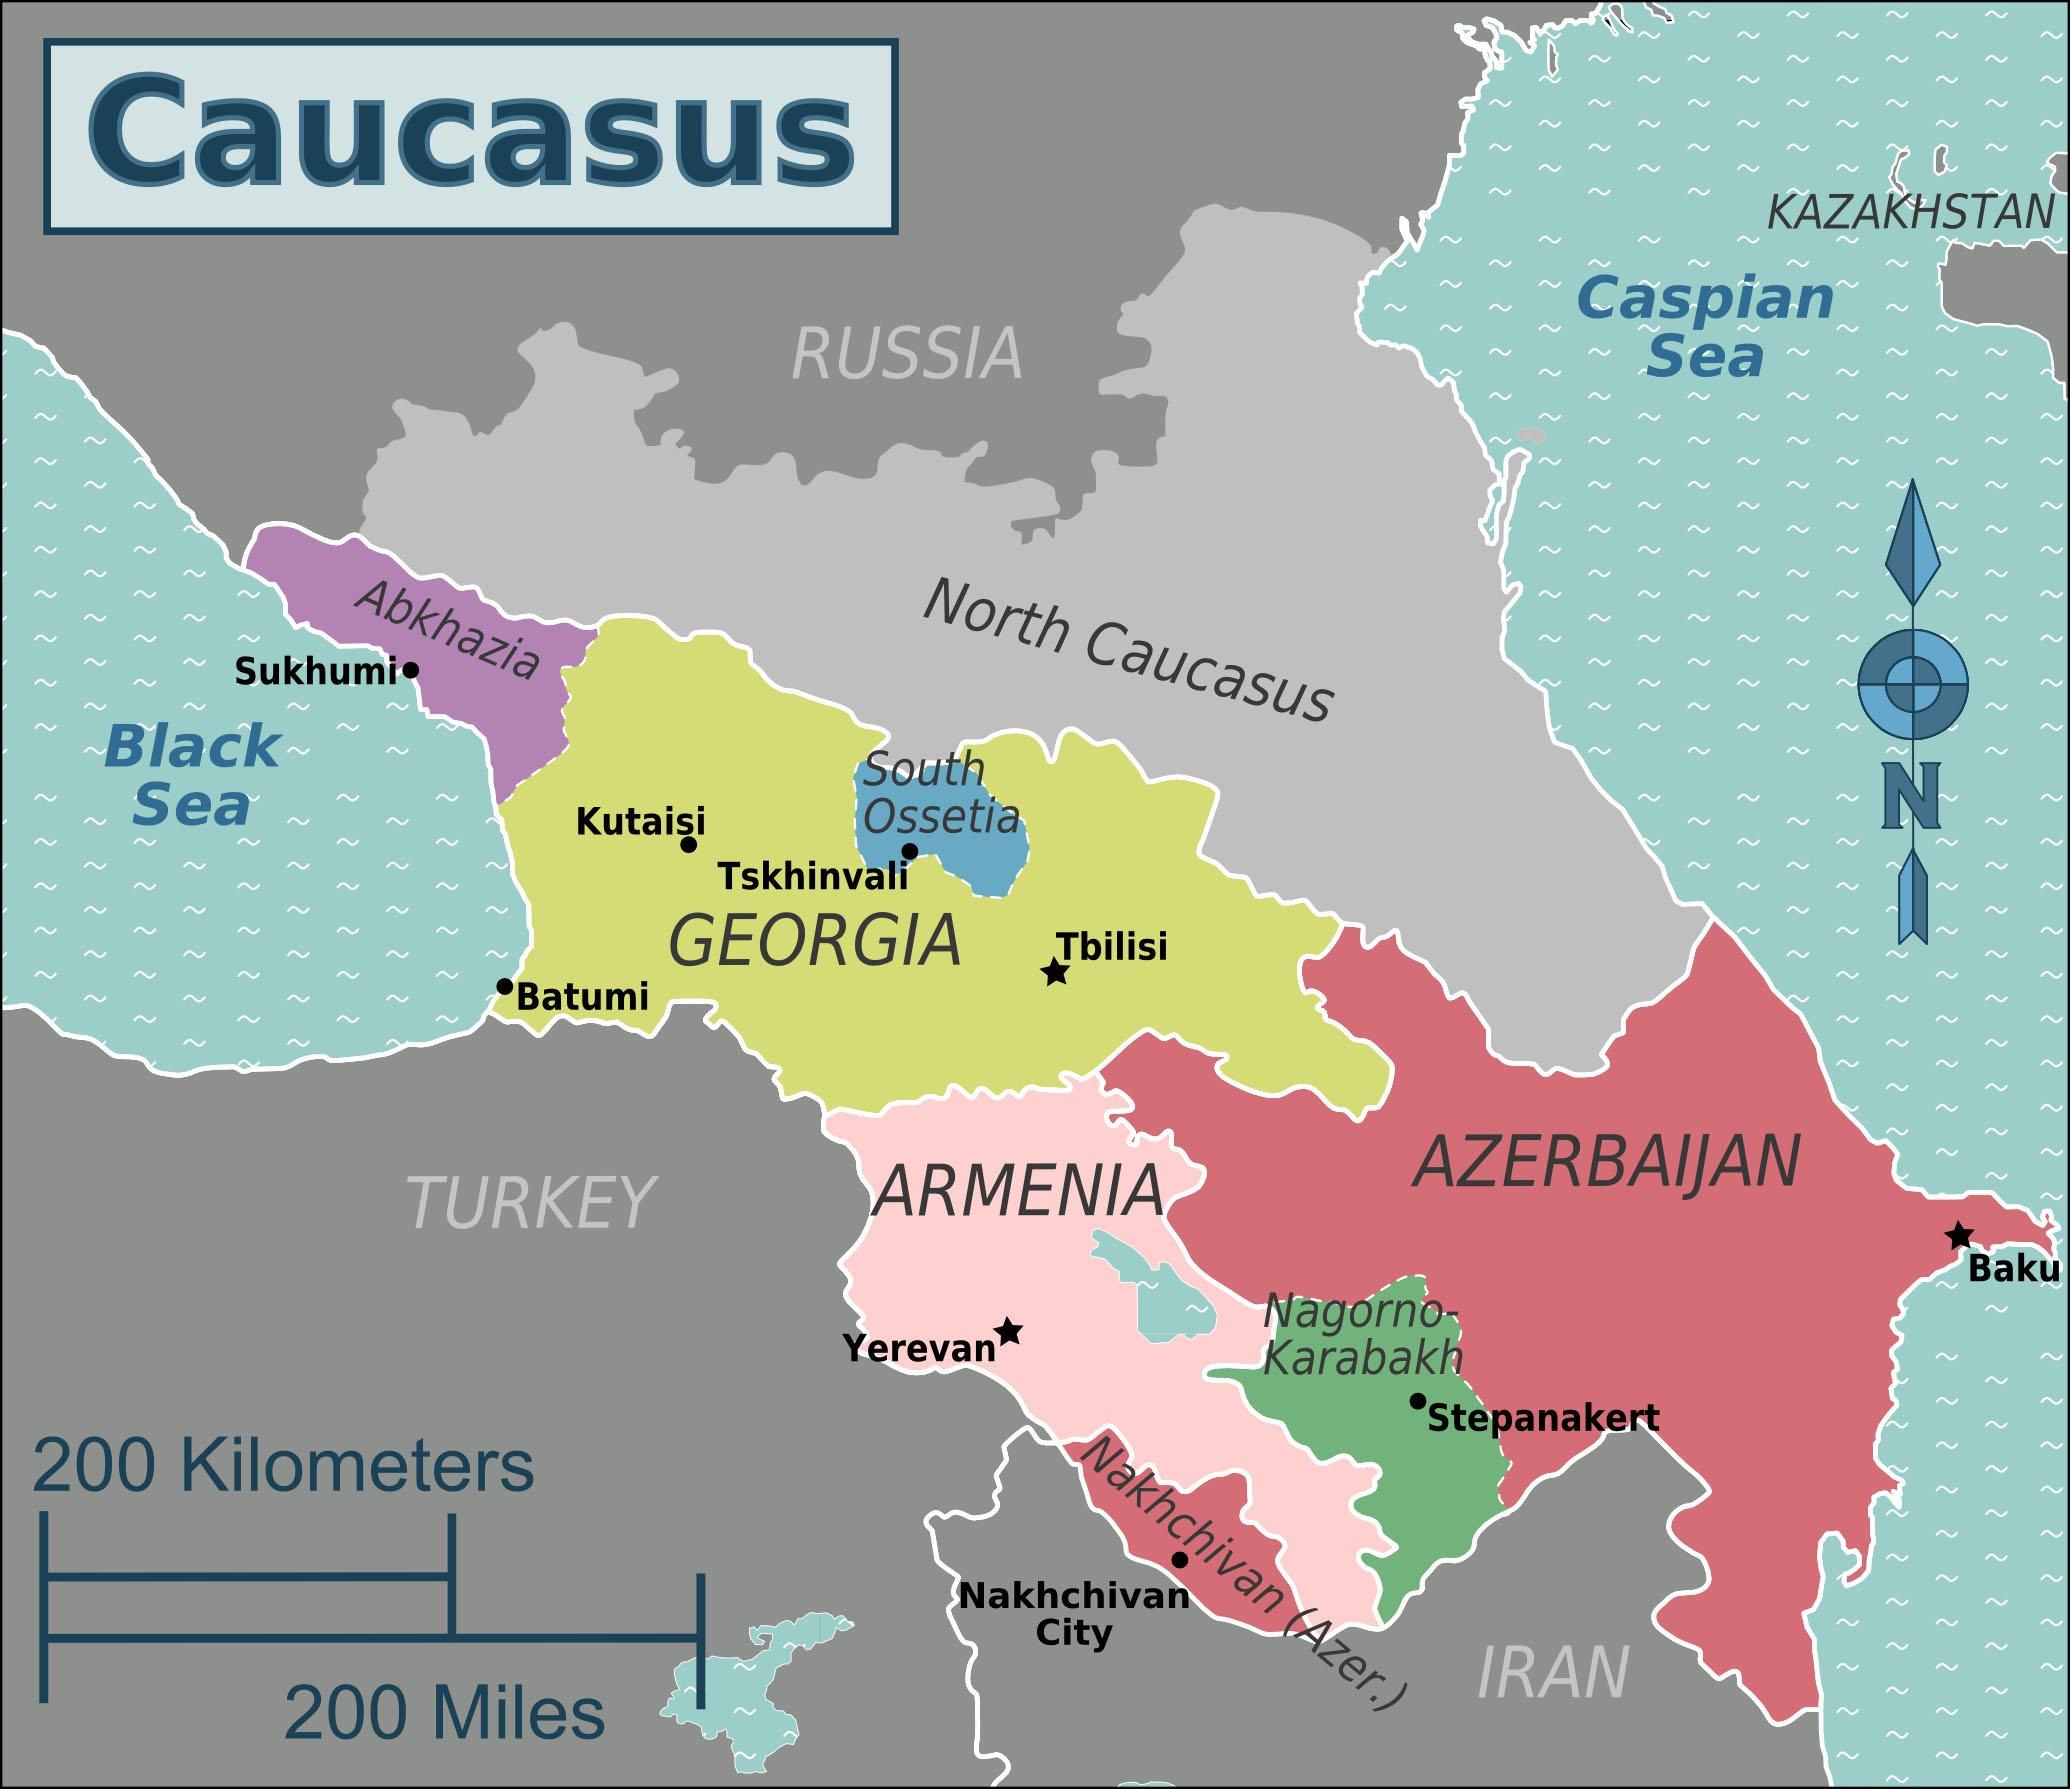 Map of Caucasus region of Eurasia